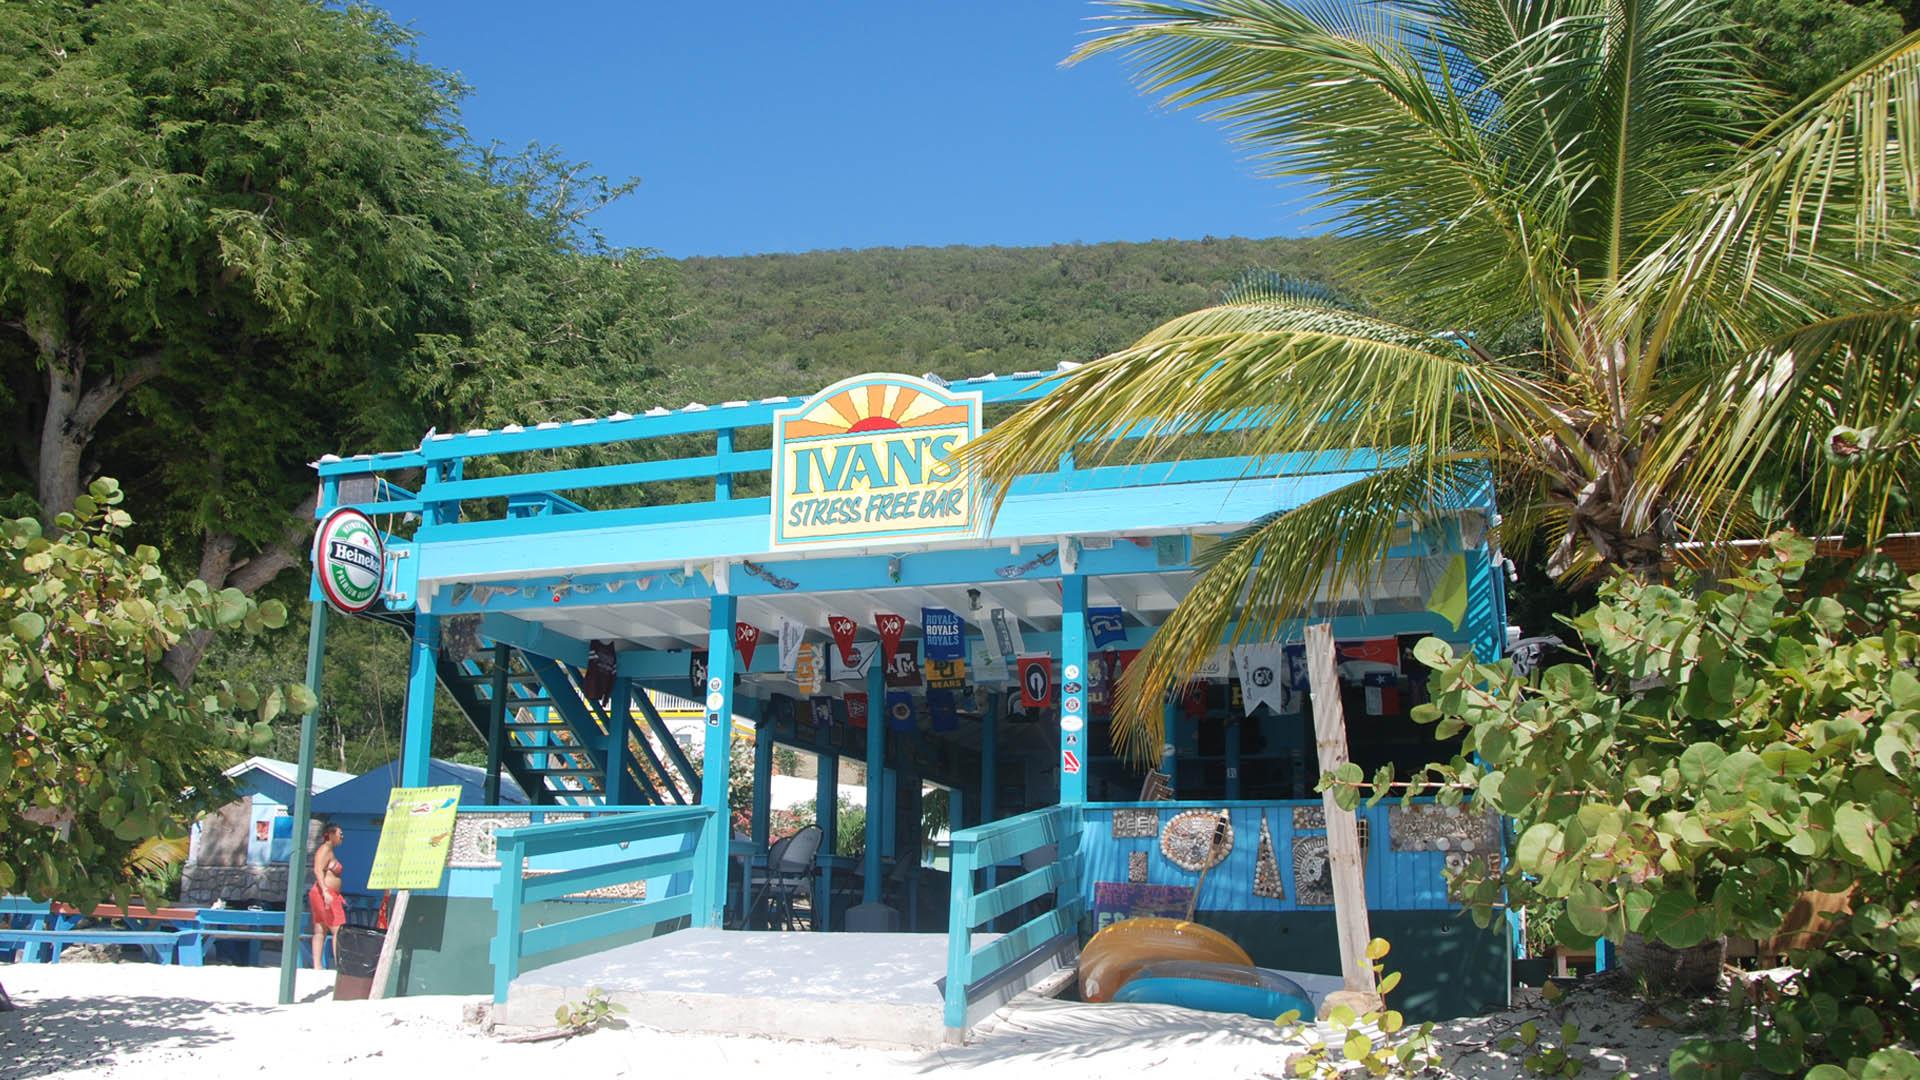 Ivan's Stress Free Bar, Jost Van Dyke, BVI